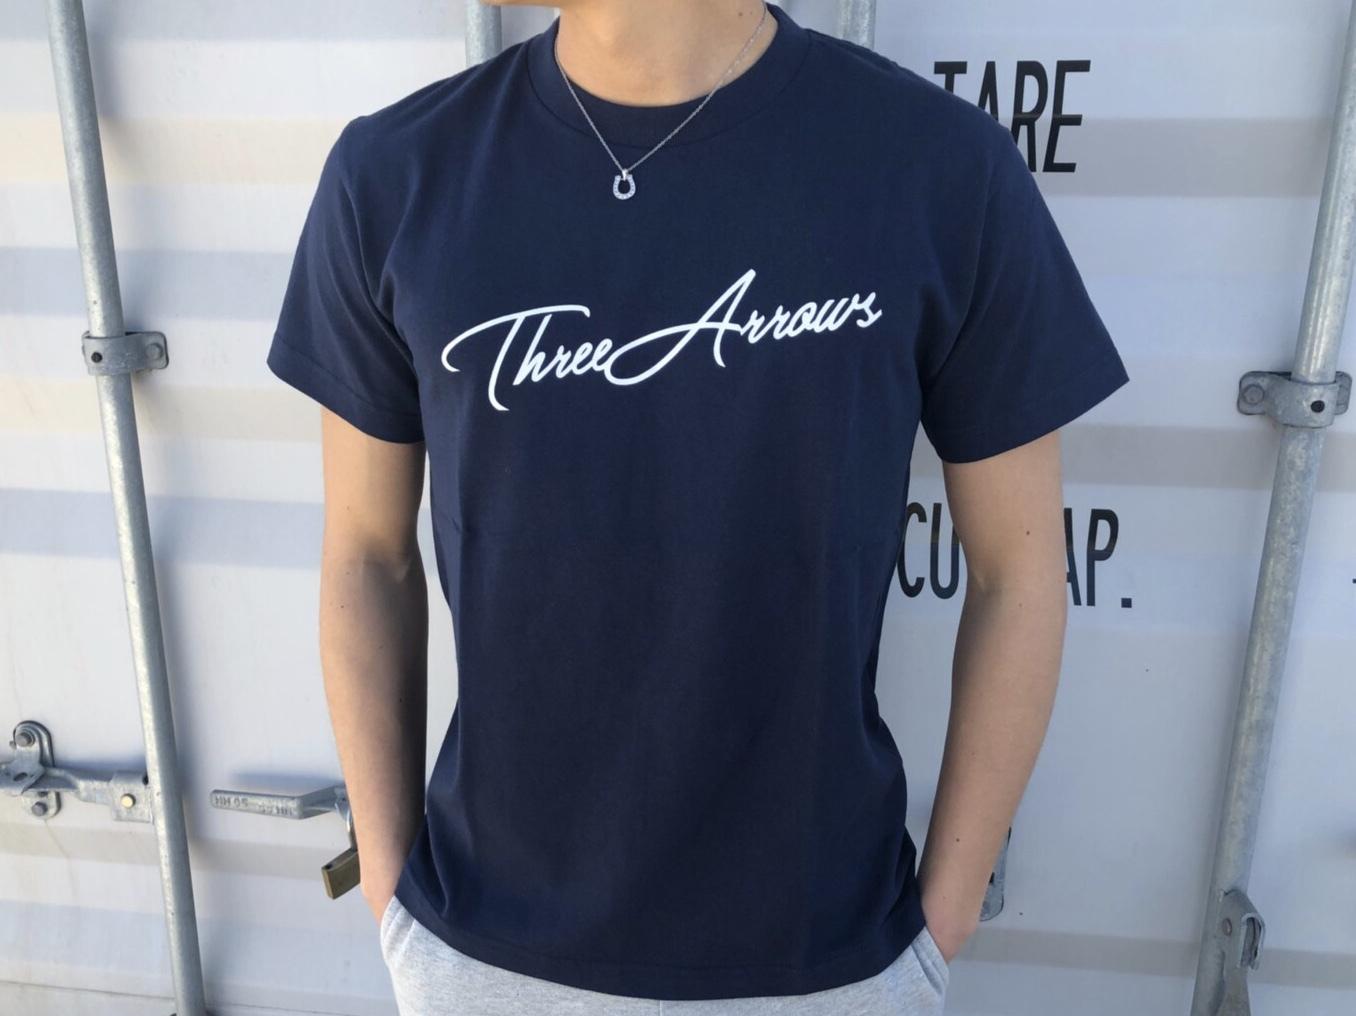 ThreeArrows Tシャツ(navy)